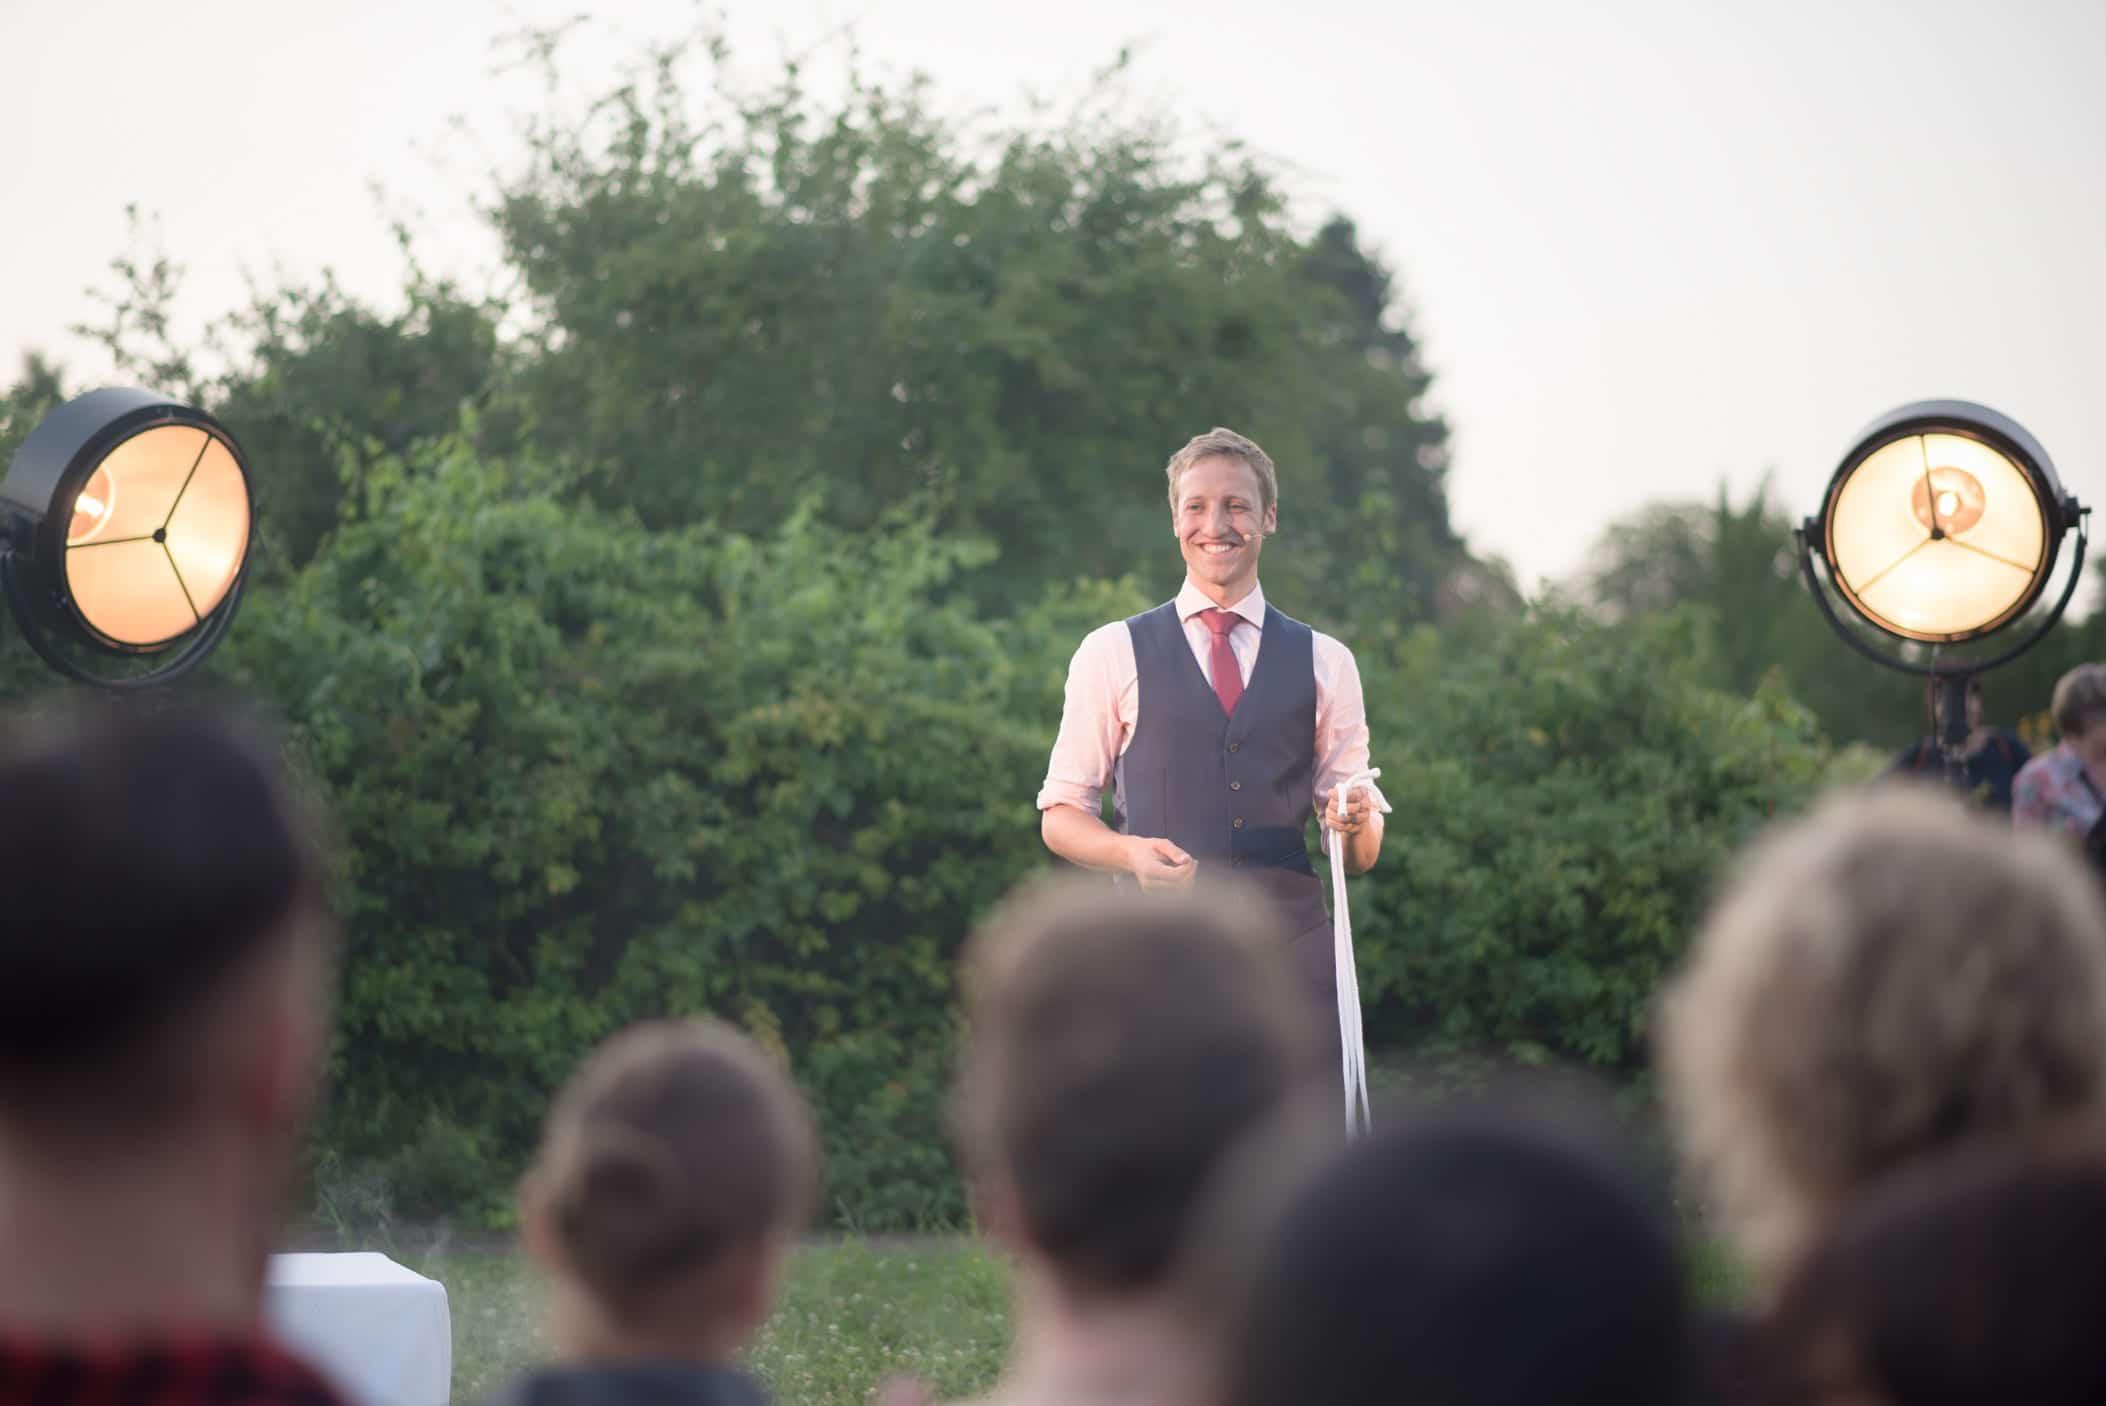 Bei einem Großevent im Botanischen Garten präsentiert der Zauberer Fabian Schneekind seine Bühnenshow. Man sieht ihn ins Publikum lächeln.